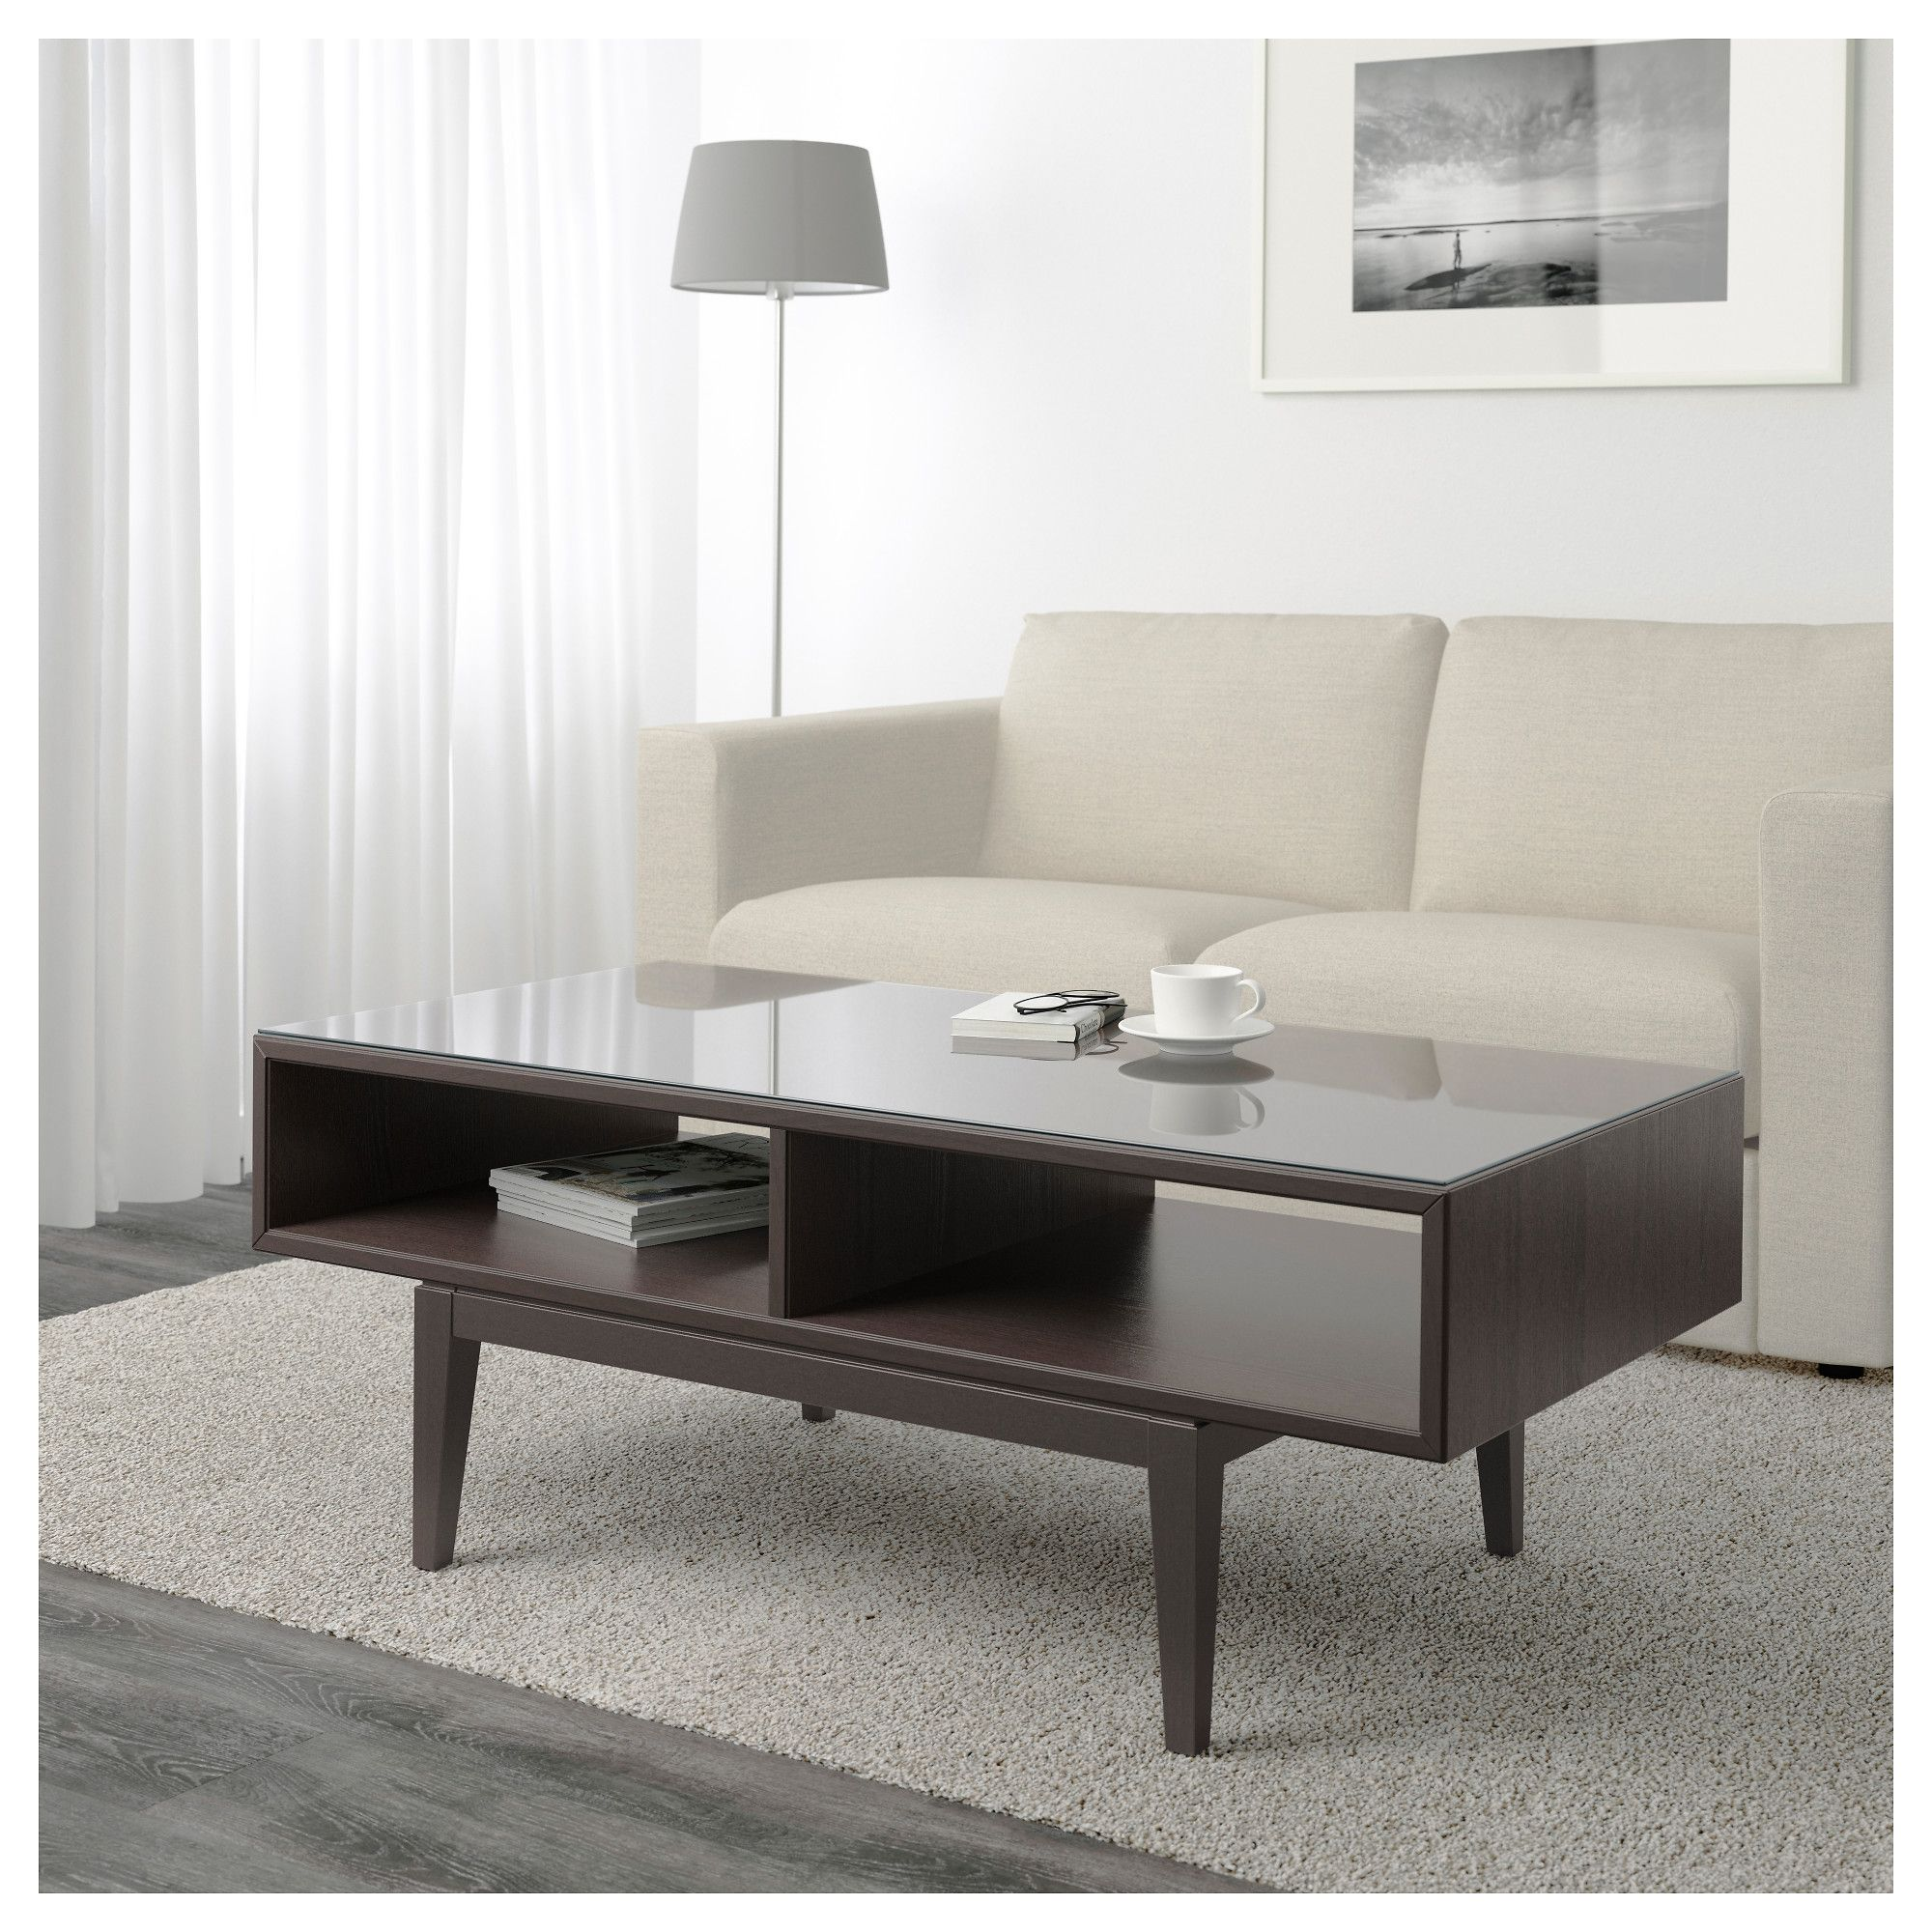 Regissor Trapezi Meshs Ikea Table Basse Ikea Table De Salon Table Basse [ 2000 x 2000 Pixel ]